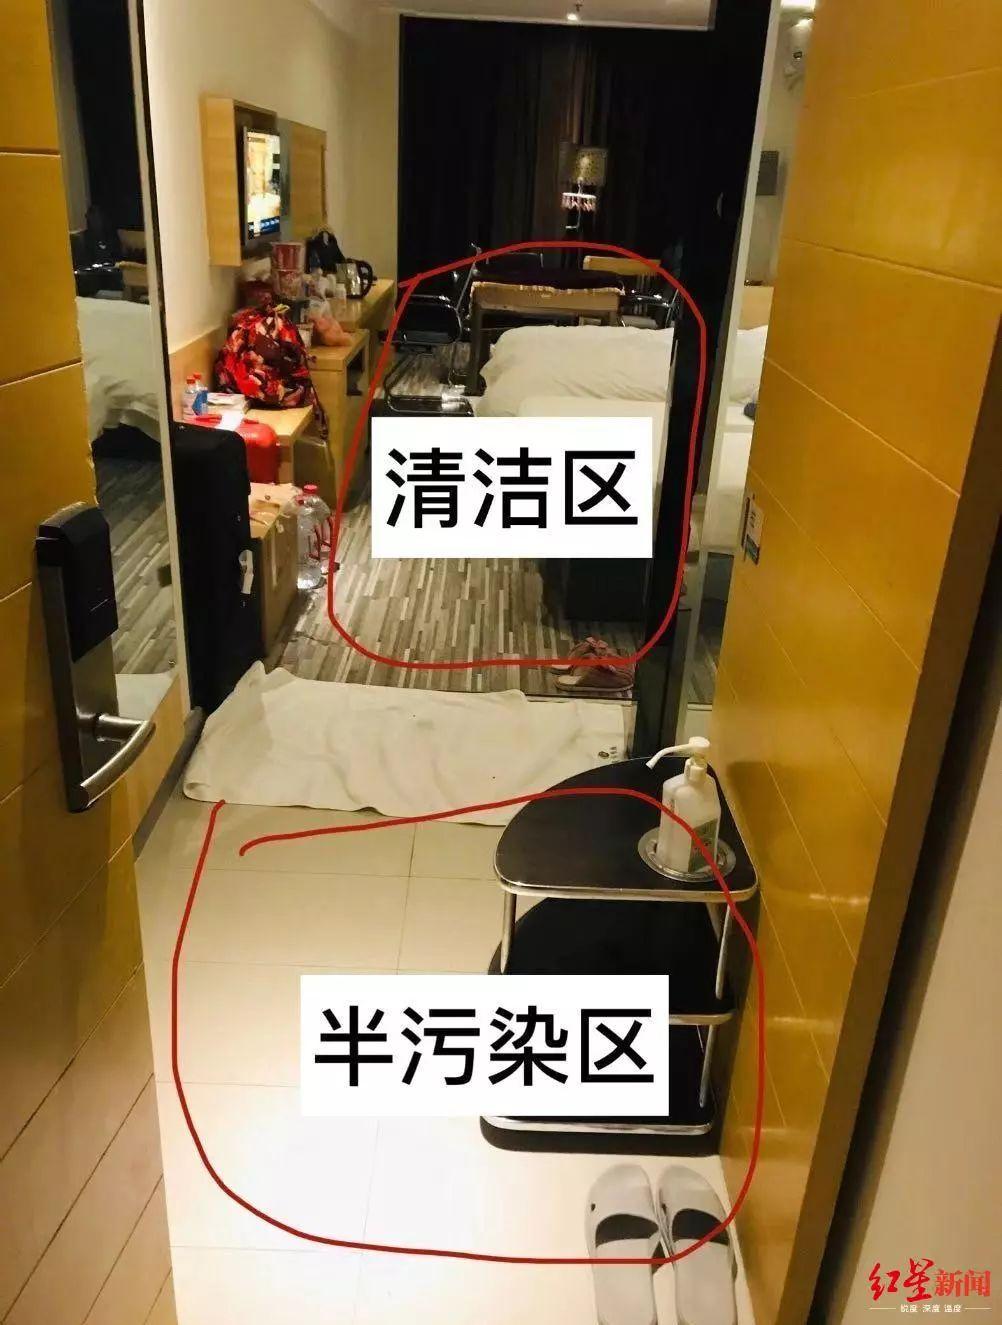 """四川援助湖北医疗队0感染秘诀:互相""""嫌弃"""",活得""""矫情"""""""